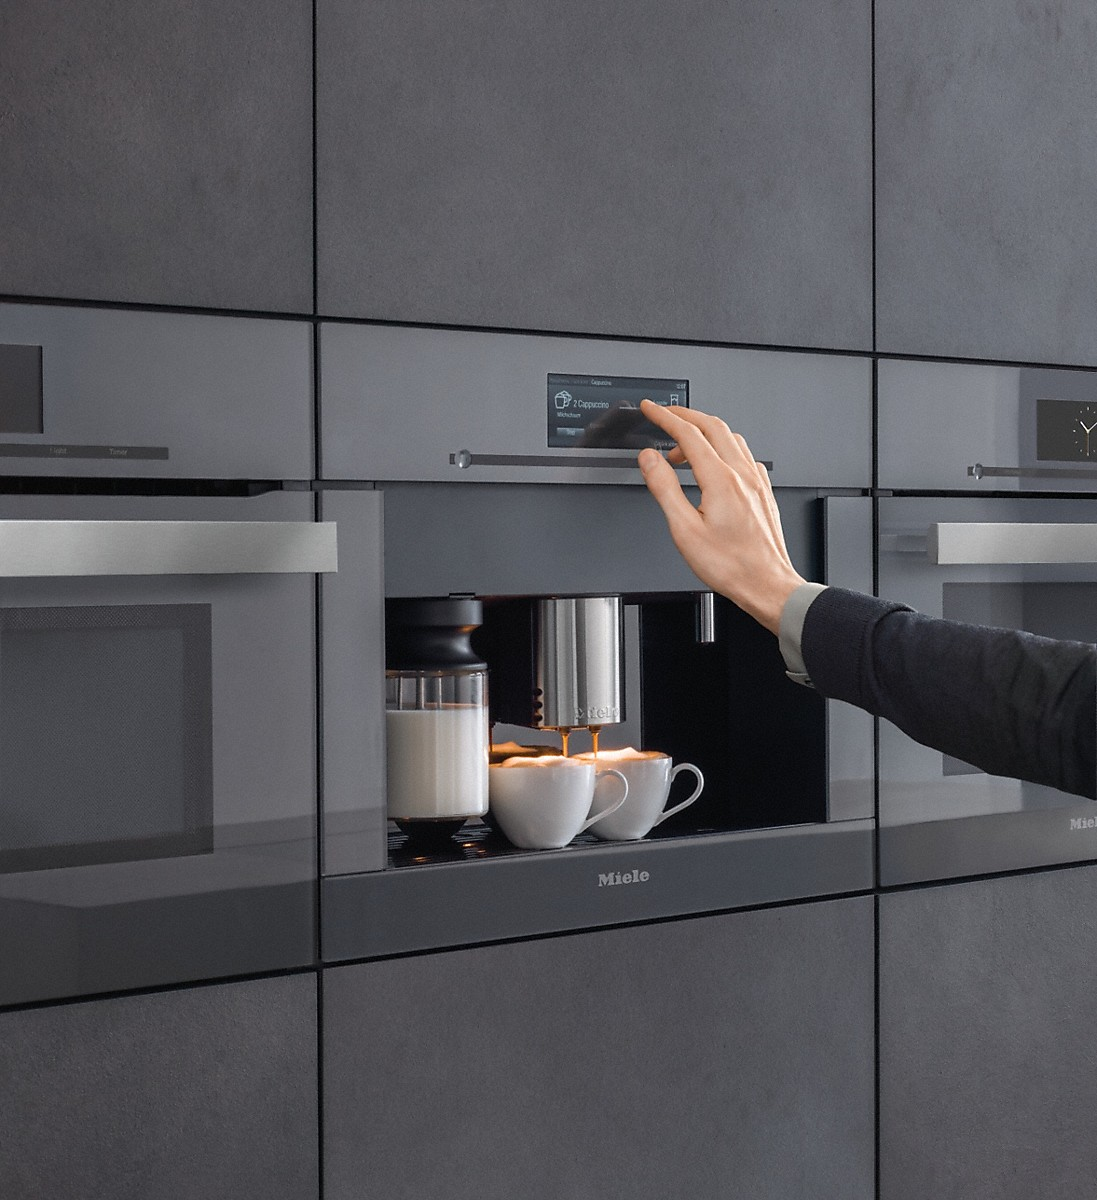 miele cva 6805 einbau kaffeevollautomat. Black Bedroom Furniture Sets. Home Design Ideas